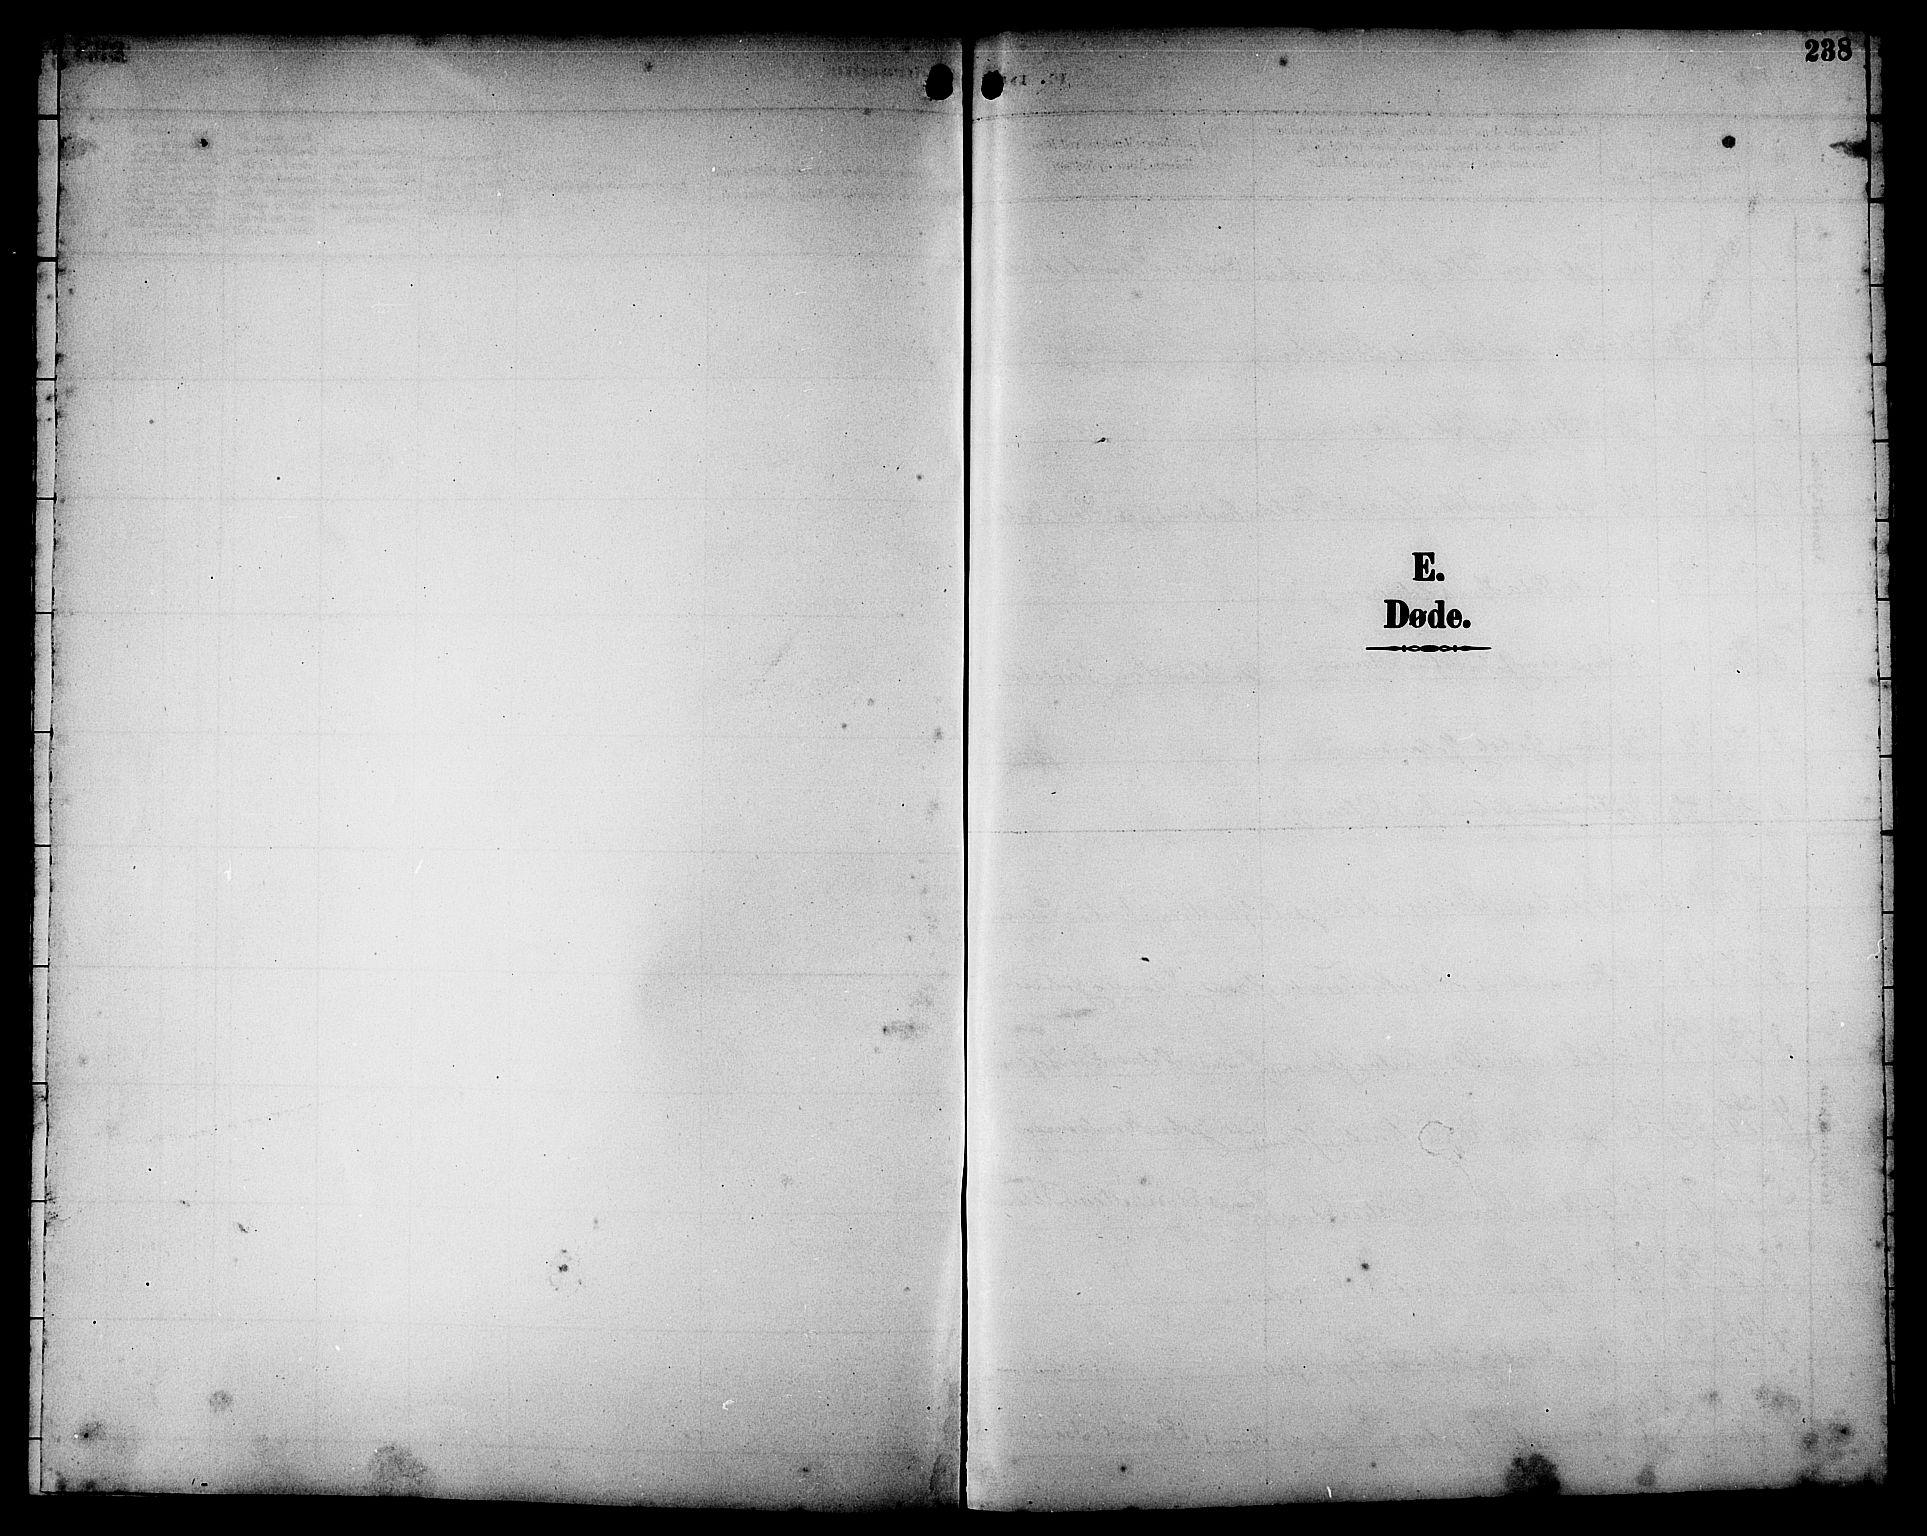 SAT, Ministerialprotokoller, klokkerbøker og fødselsregistre - Sør-Trøndelag, 662/L0757: Klokkerbok nr. 662C02, 1892-1918, s. 238